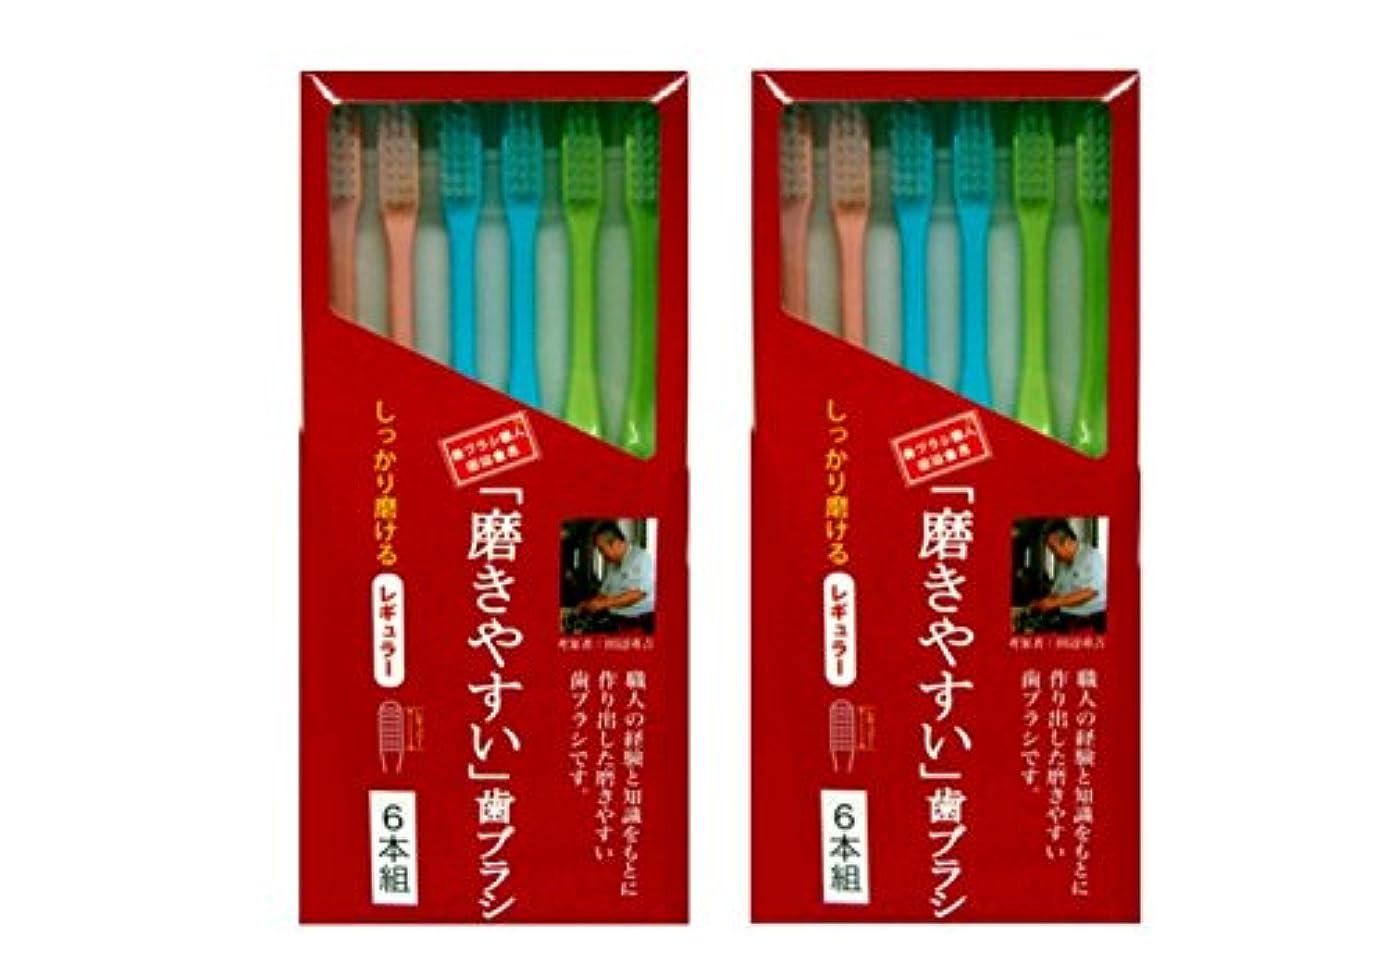 ソロそうでなければメイド磨きやすい歯ブラシ 6本組 レギュラータイプ×2個セット